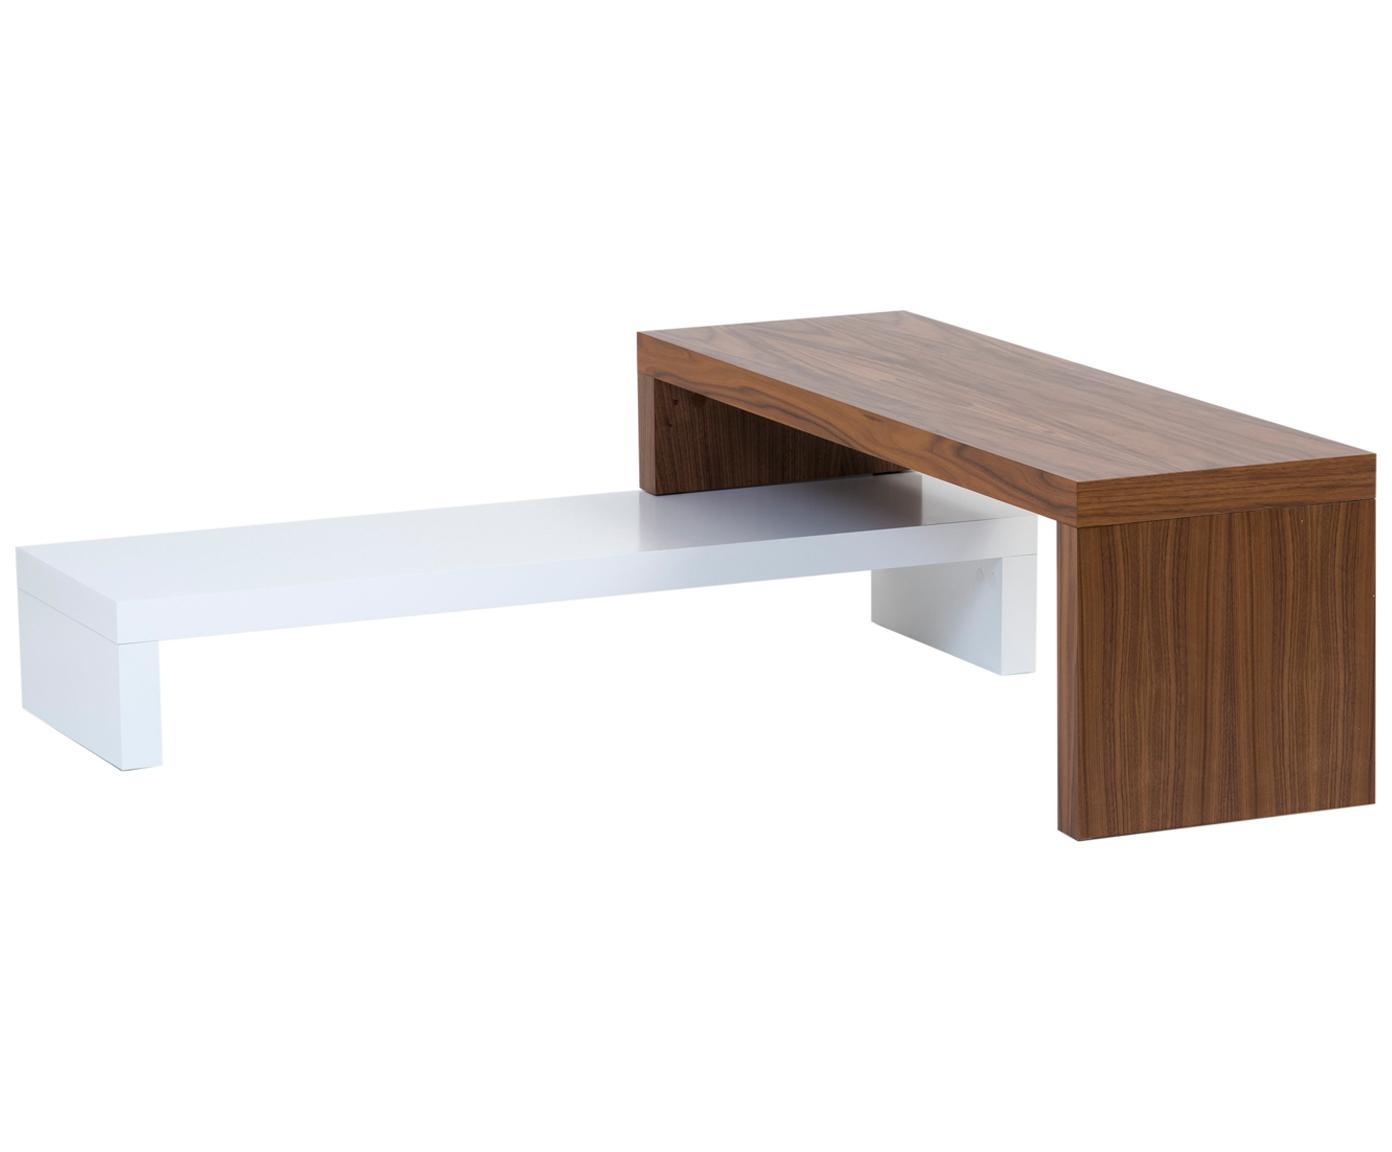 Szafka RTV Cliff, Korpus: drewniana płyta pilśniowa, Biały, brązowy, S 125 x W 40 cm